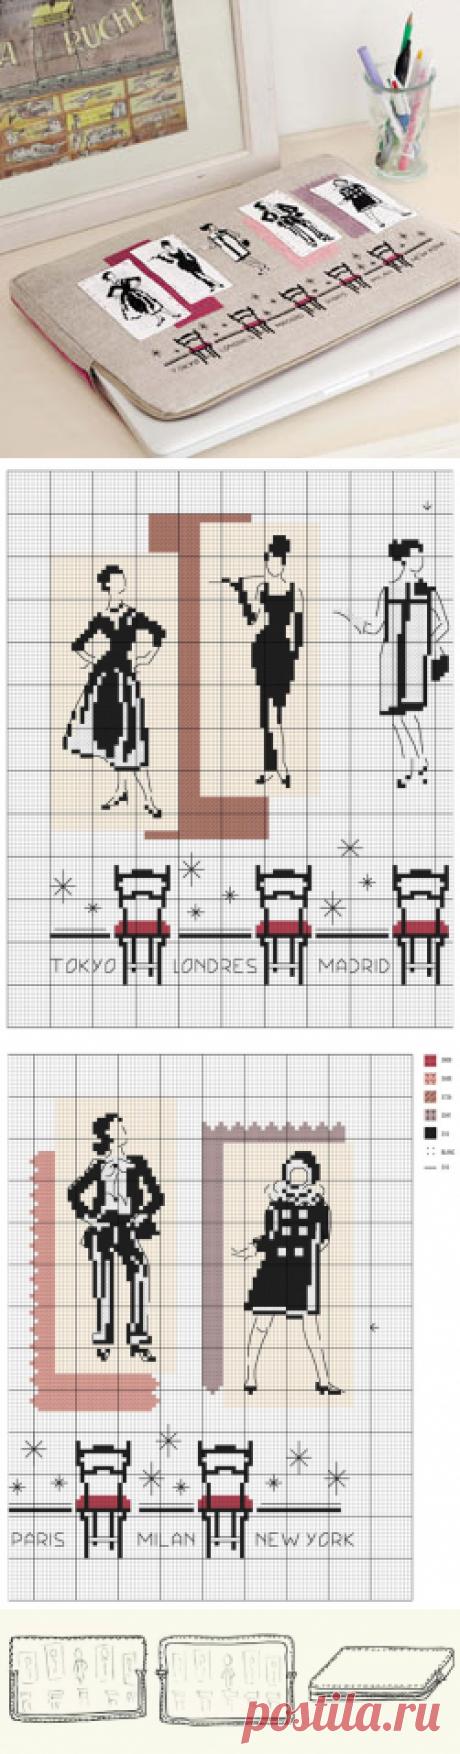 Как сшить вышитый чехол для ноутбука | WomaNew.ru - уроки кройки и шитья